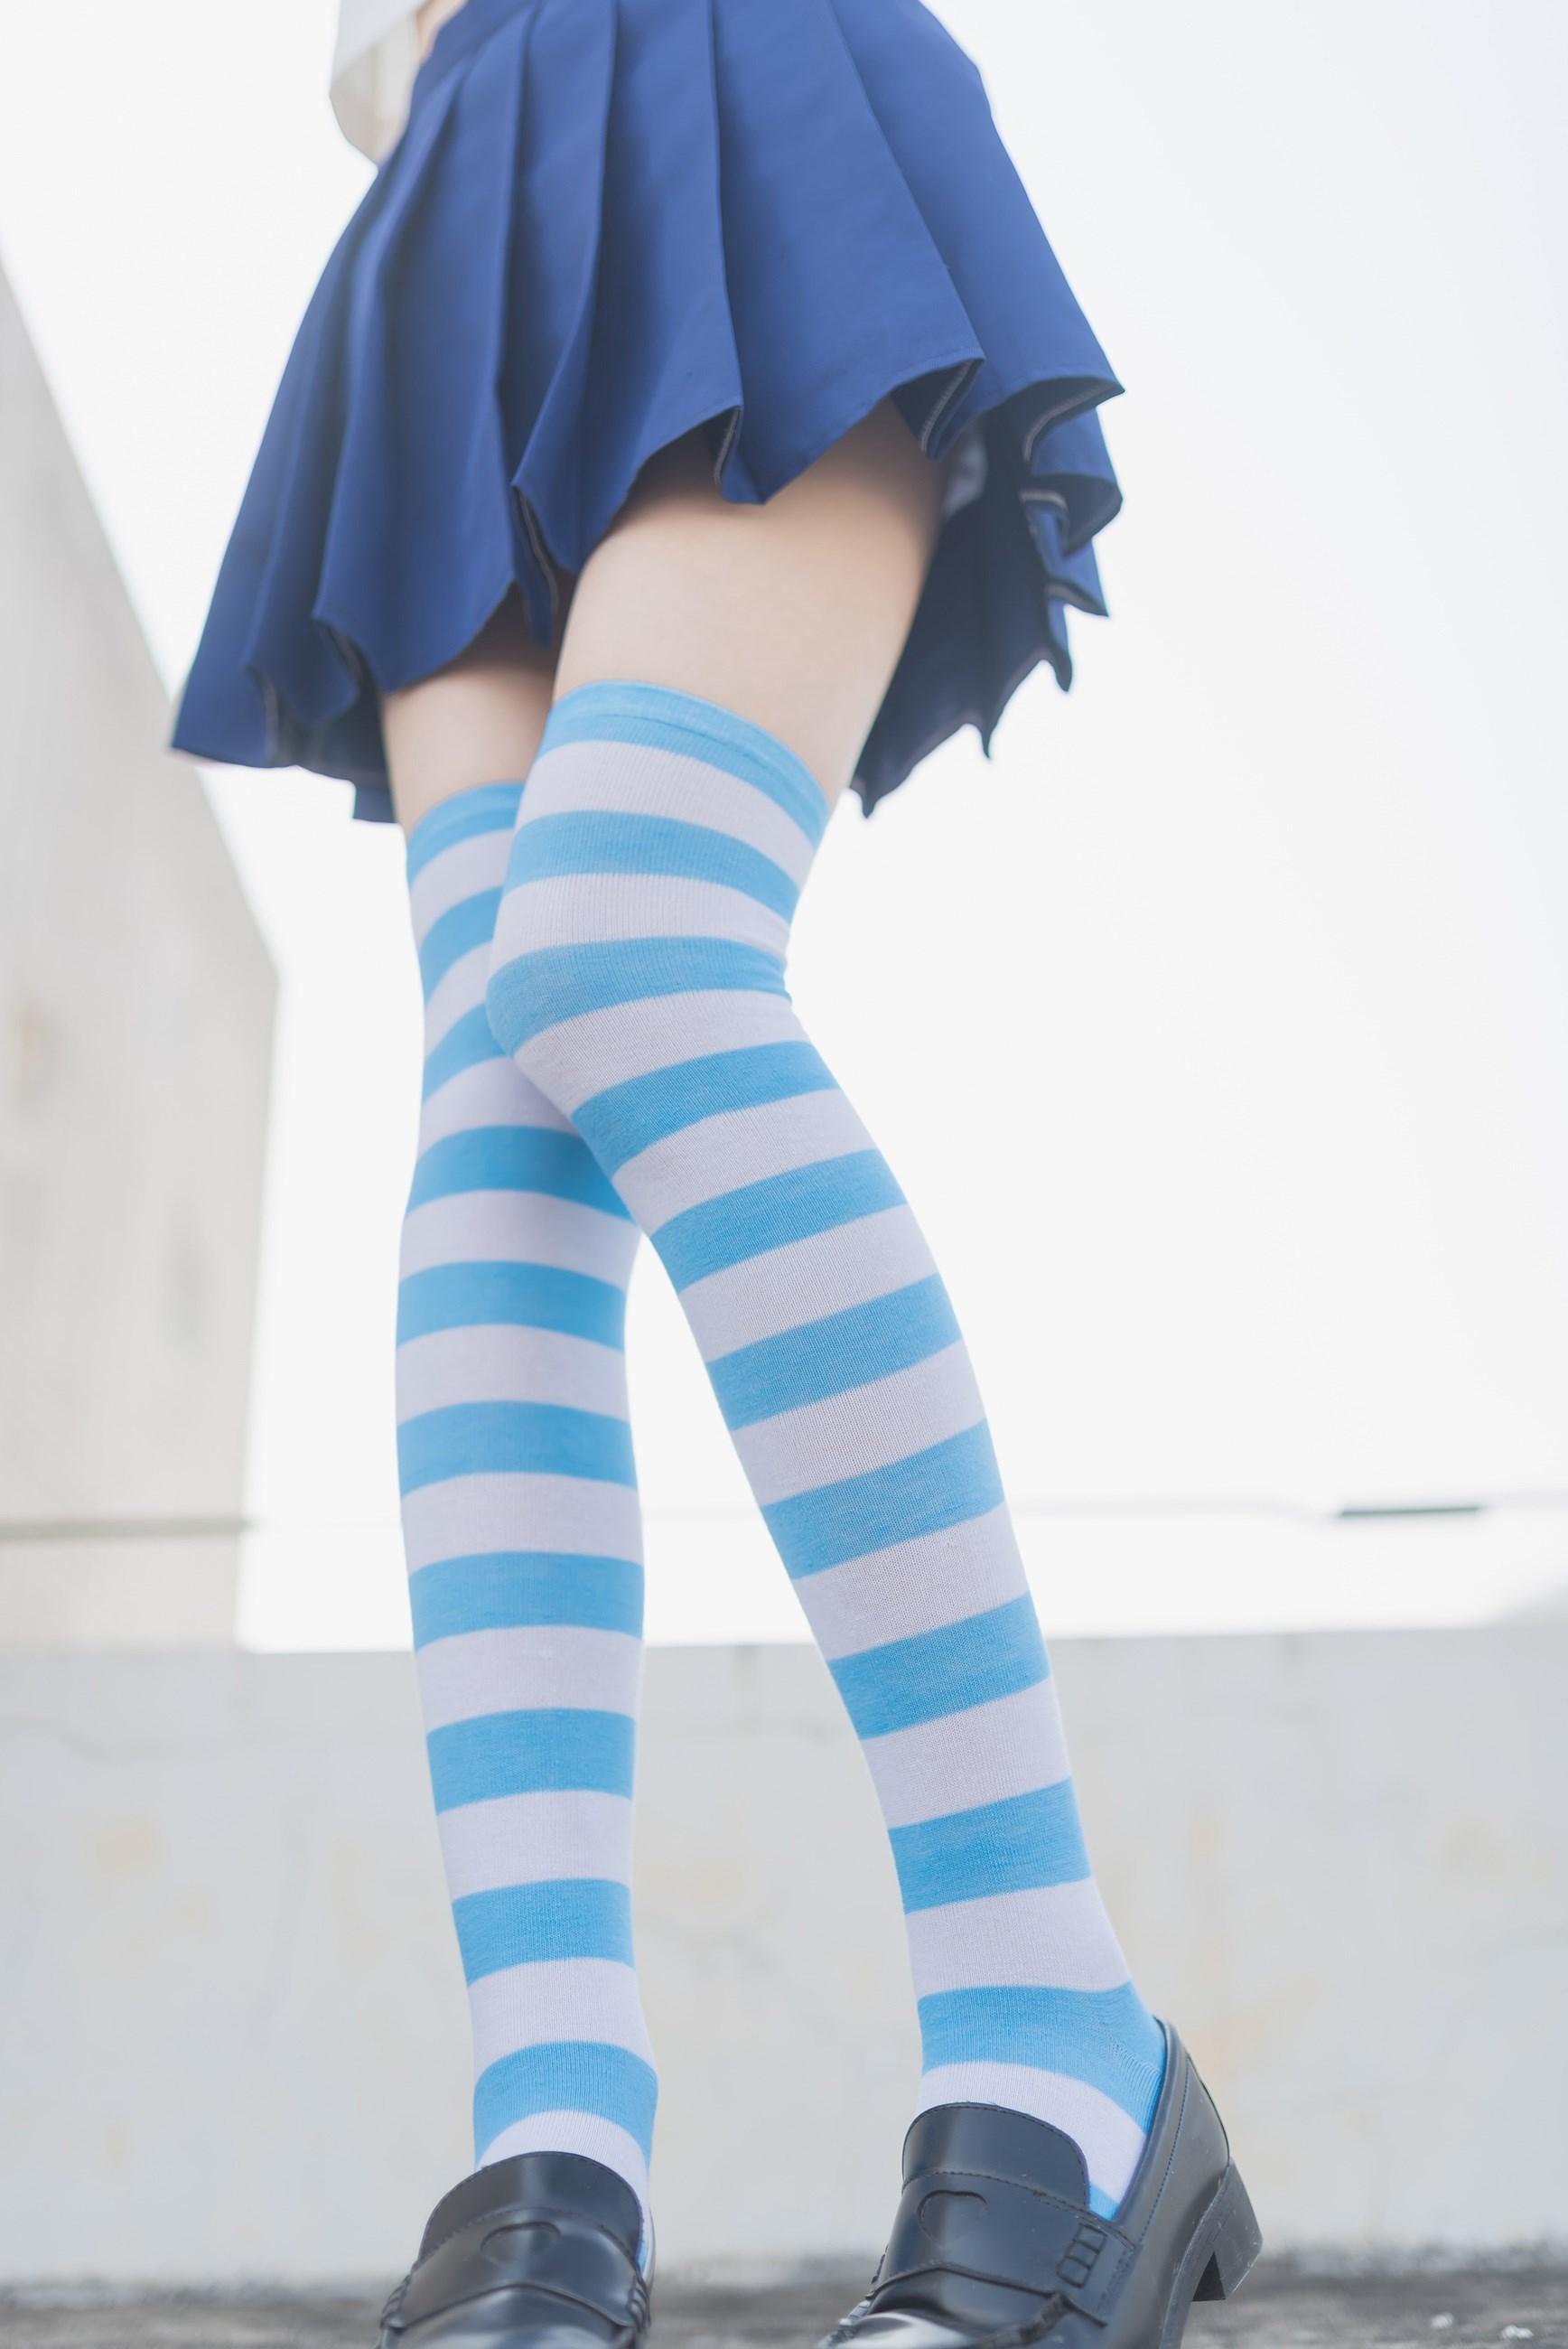 【兔玩映画】蓝白条纹的小细腿 兔玩映画 第3张